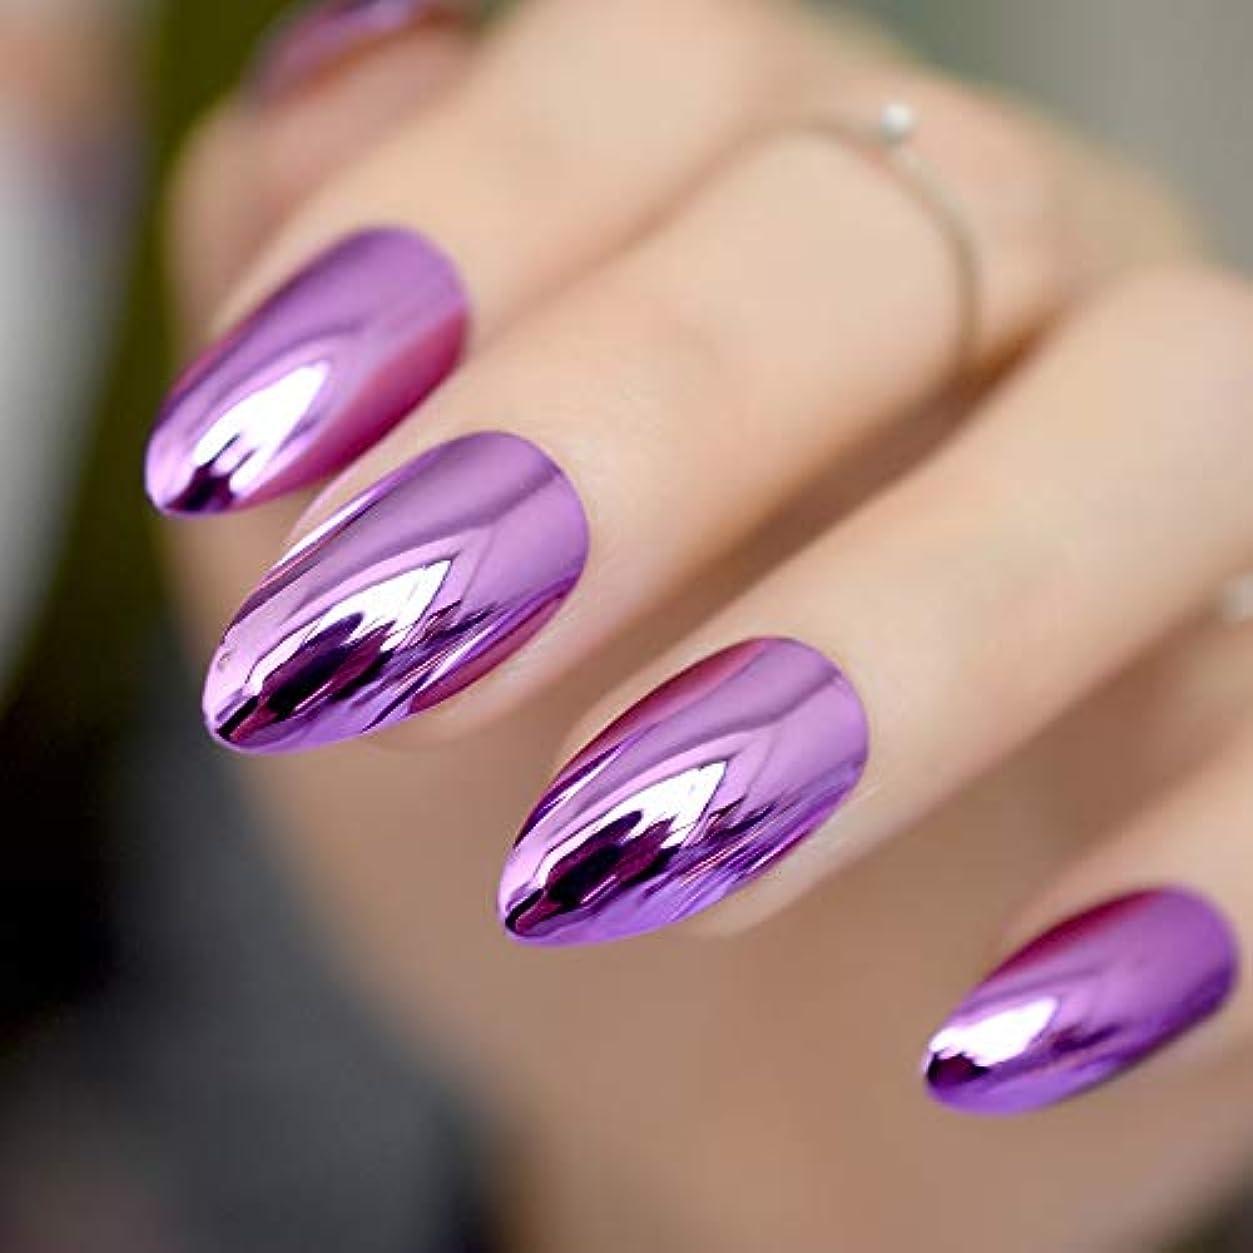 クリーク幅期限切れXUTXZKA 女性の指のヒントのためのアクリルパープル偽ネイルメタルミラー偽ネイルミディアムシャープスチレットネイル